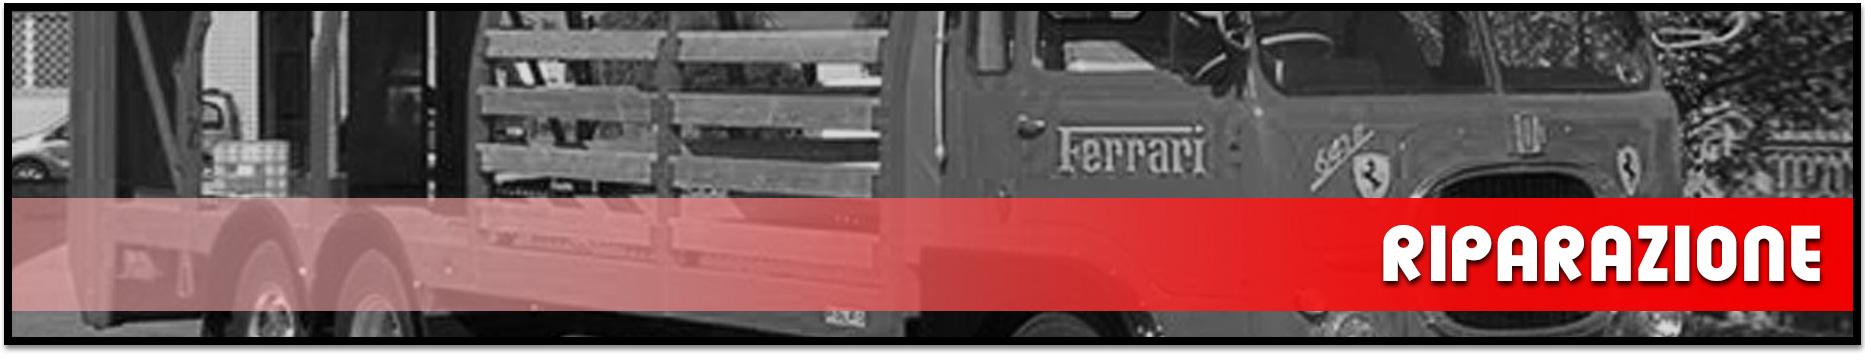 banner riparazione minicar snc